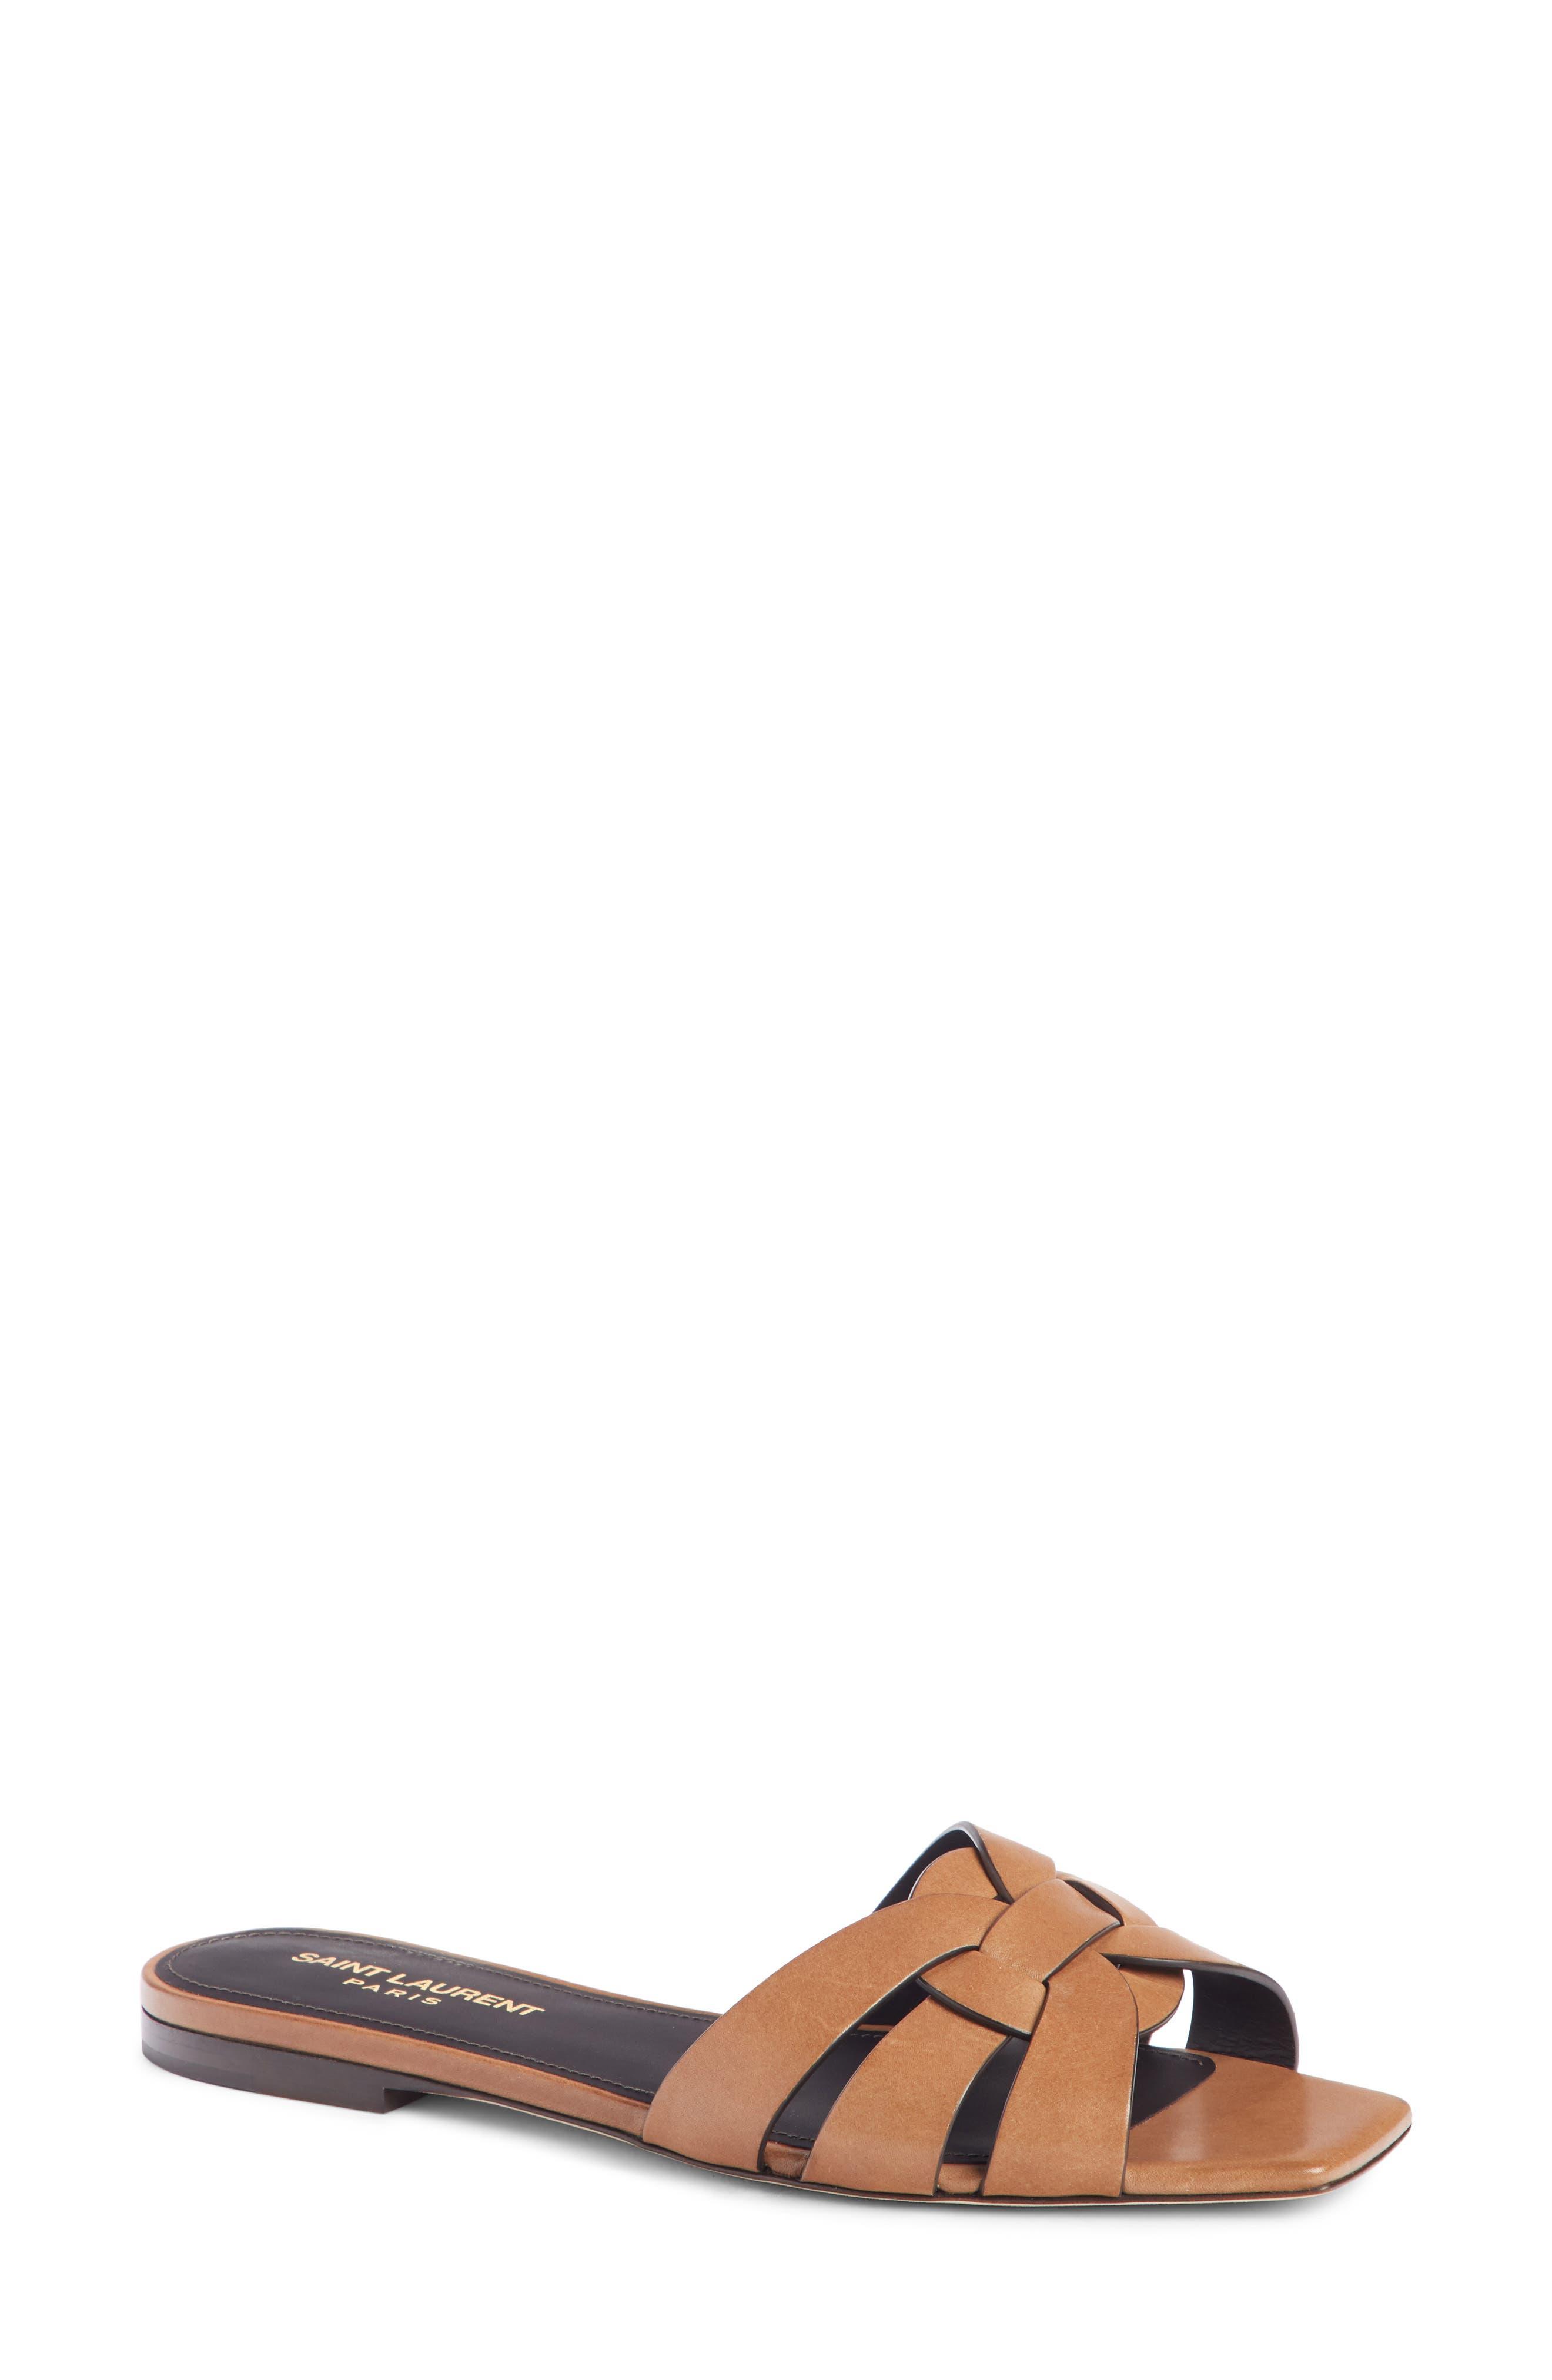 Tribute Slide Sandal,                         Main,                         color, Safari Brown